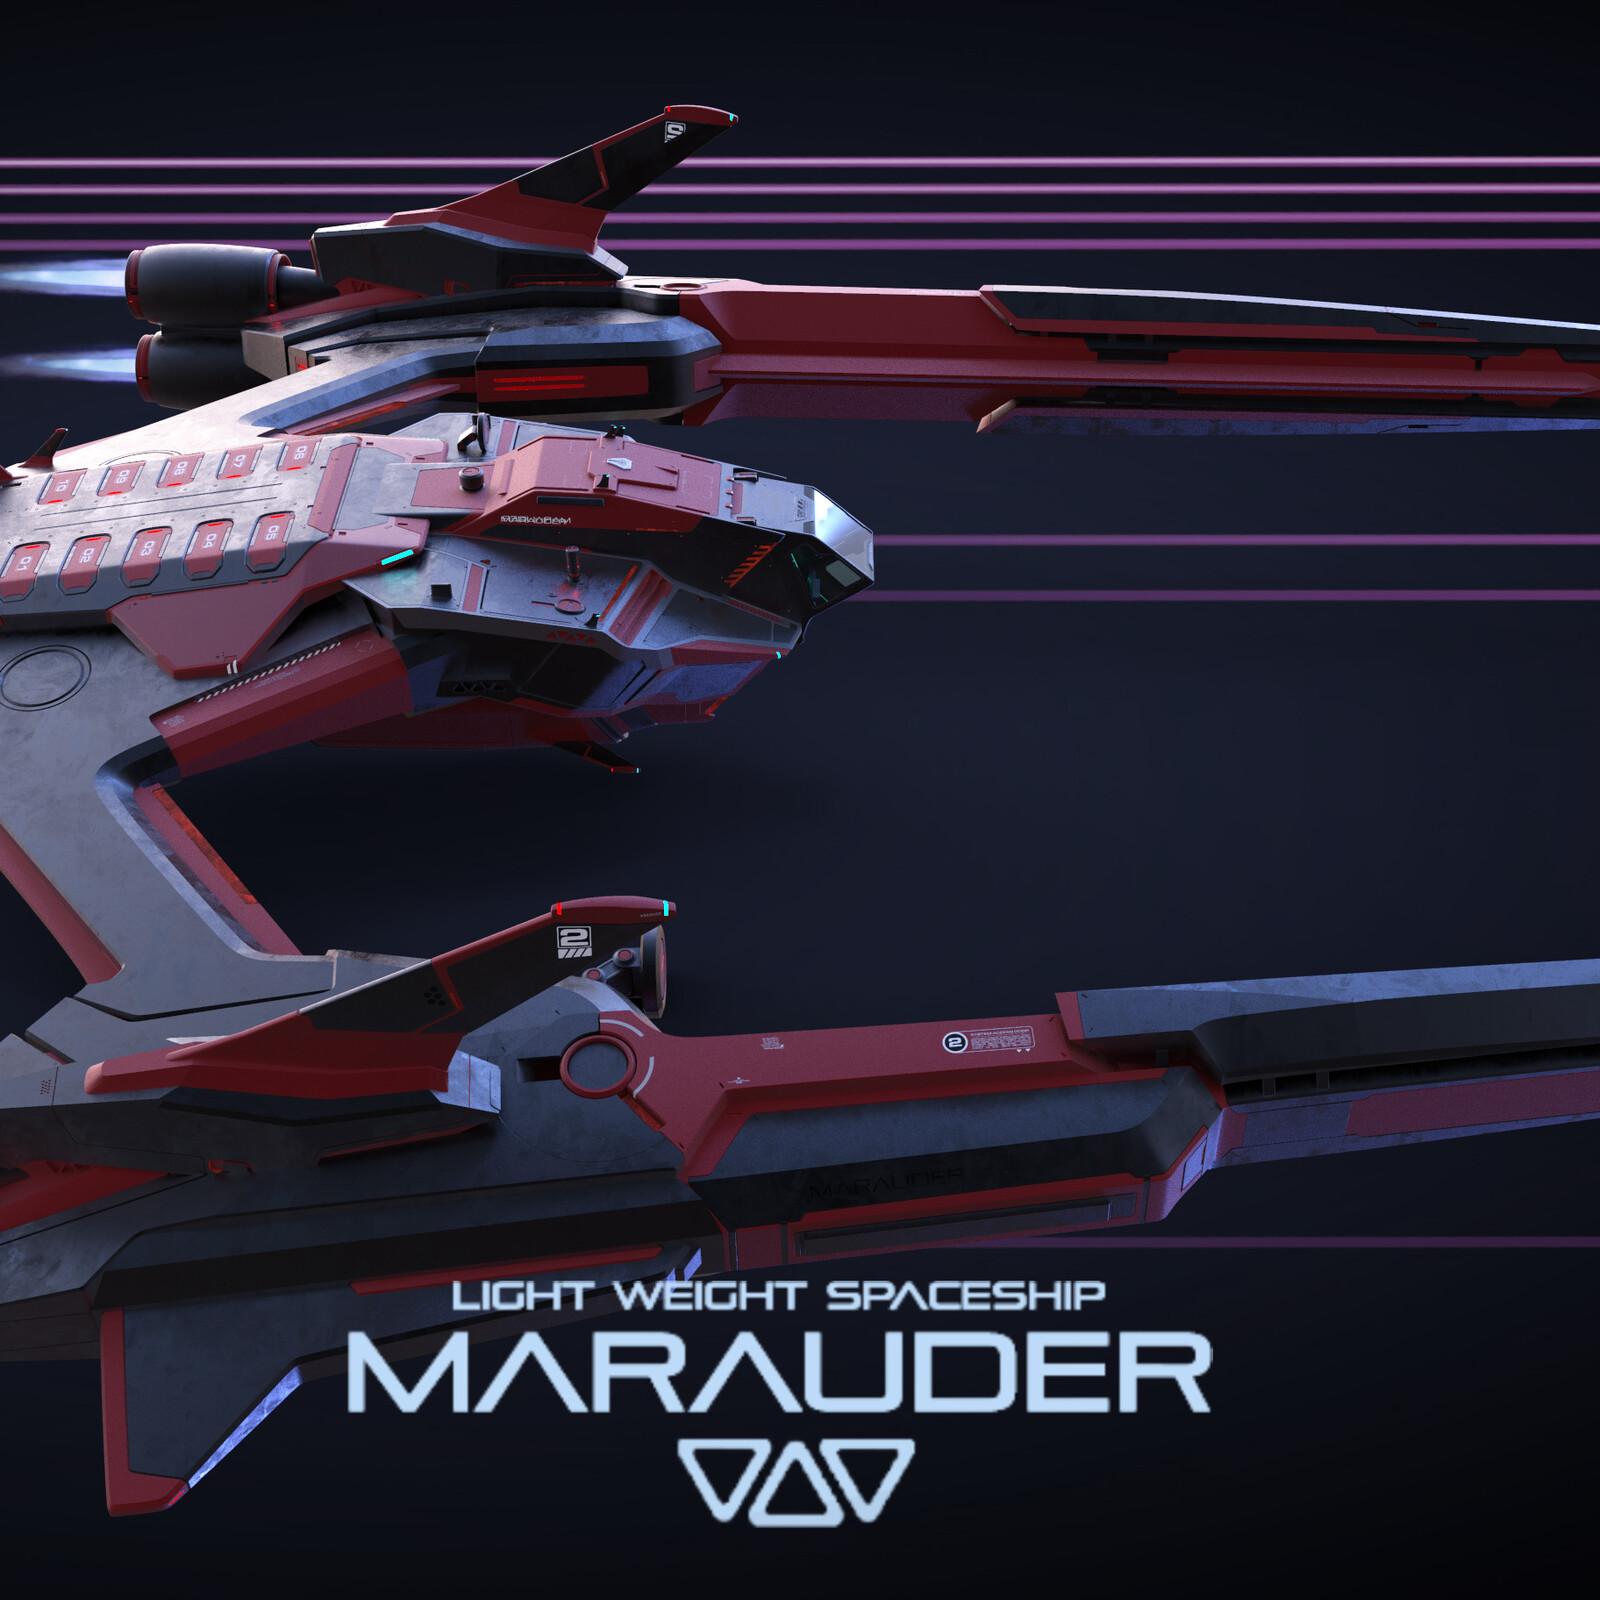 LWS MARAUDER - Spaceship KitBash Set